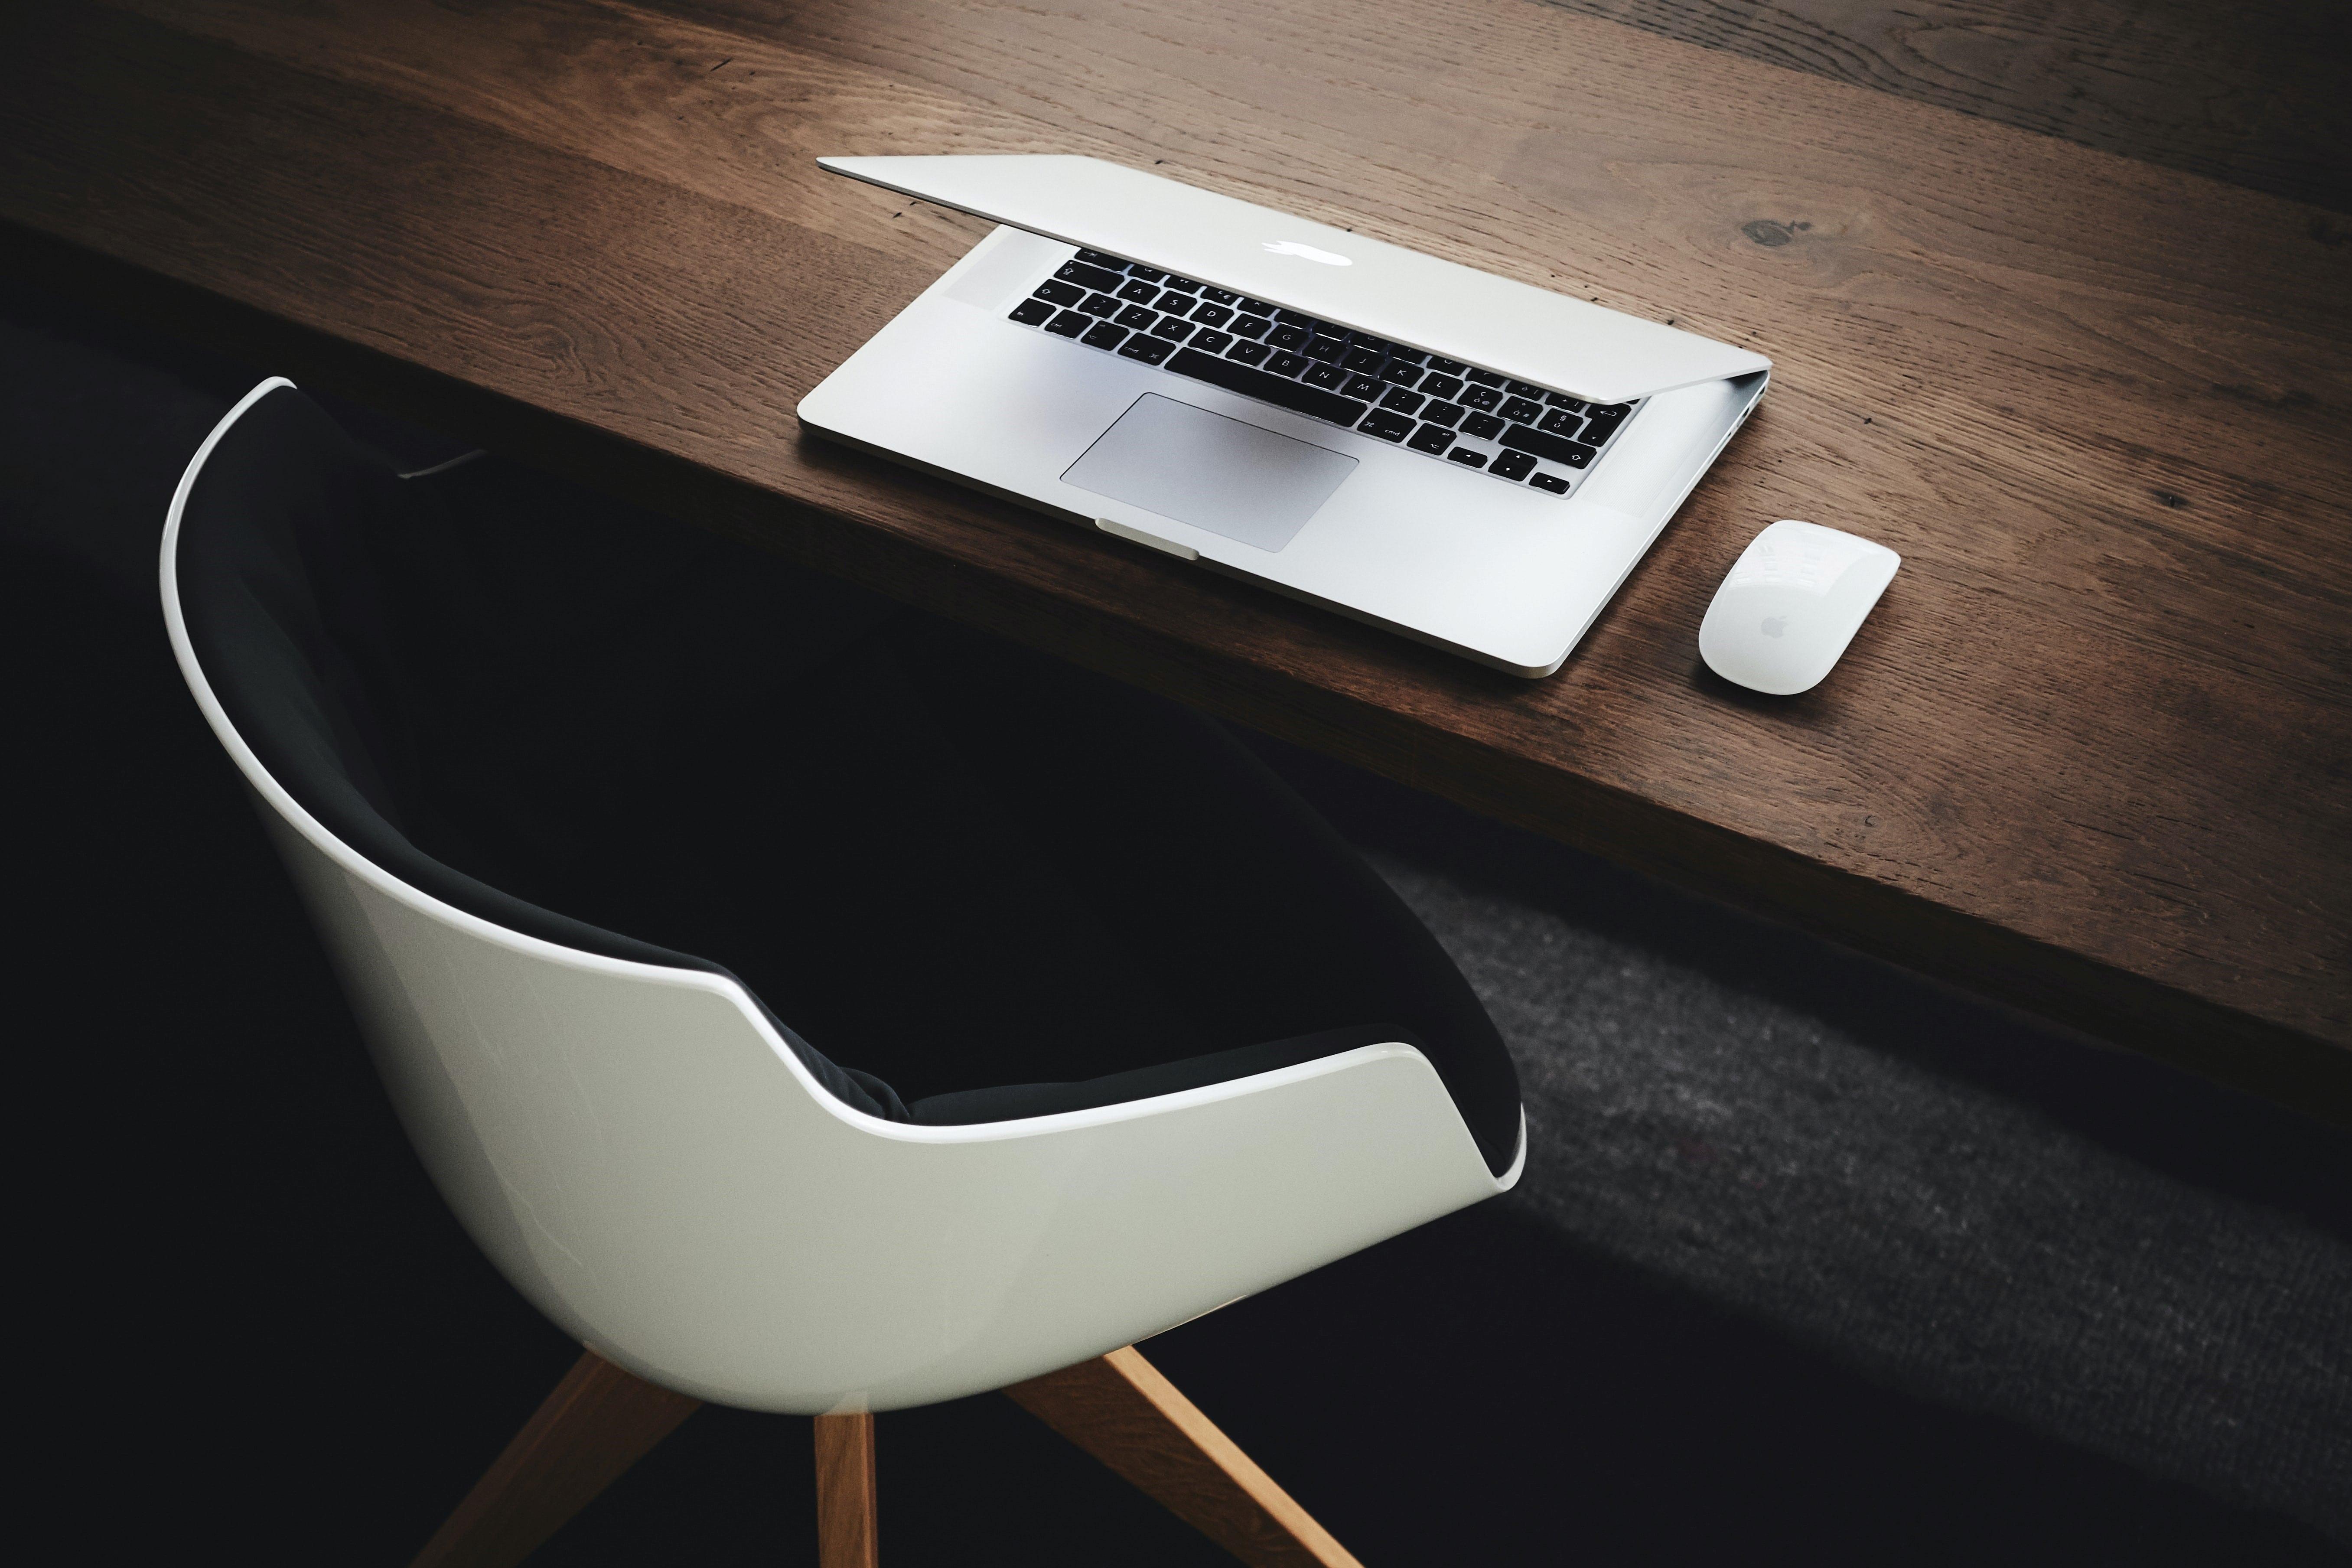 Запись блога: IT бизнес в 2021: где лучше условия, больше возможностей для развития и меньше всего рисков?